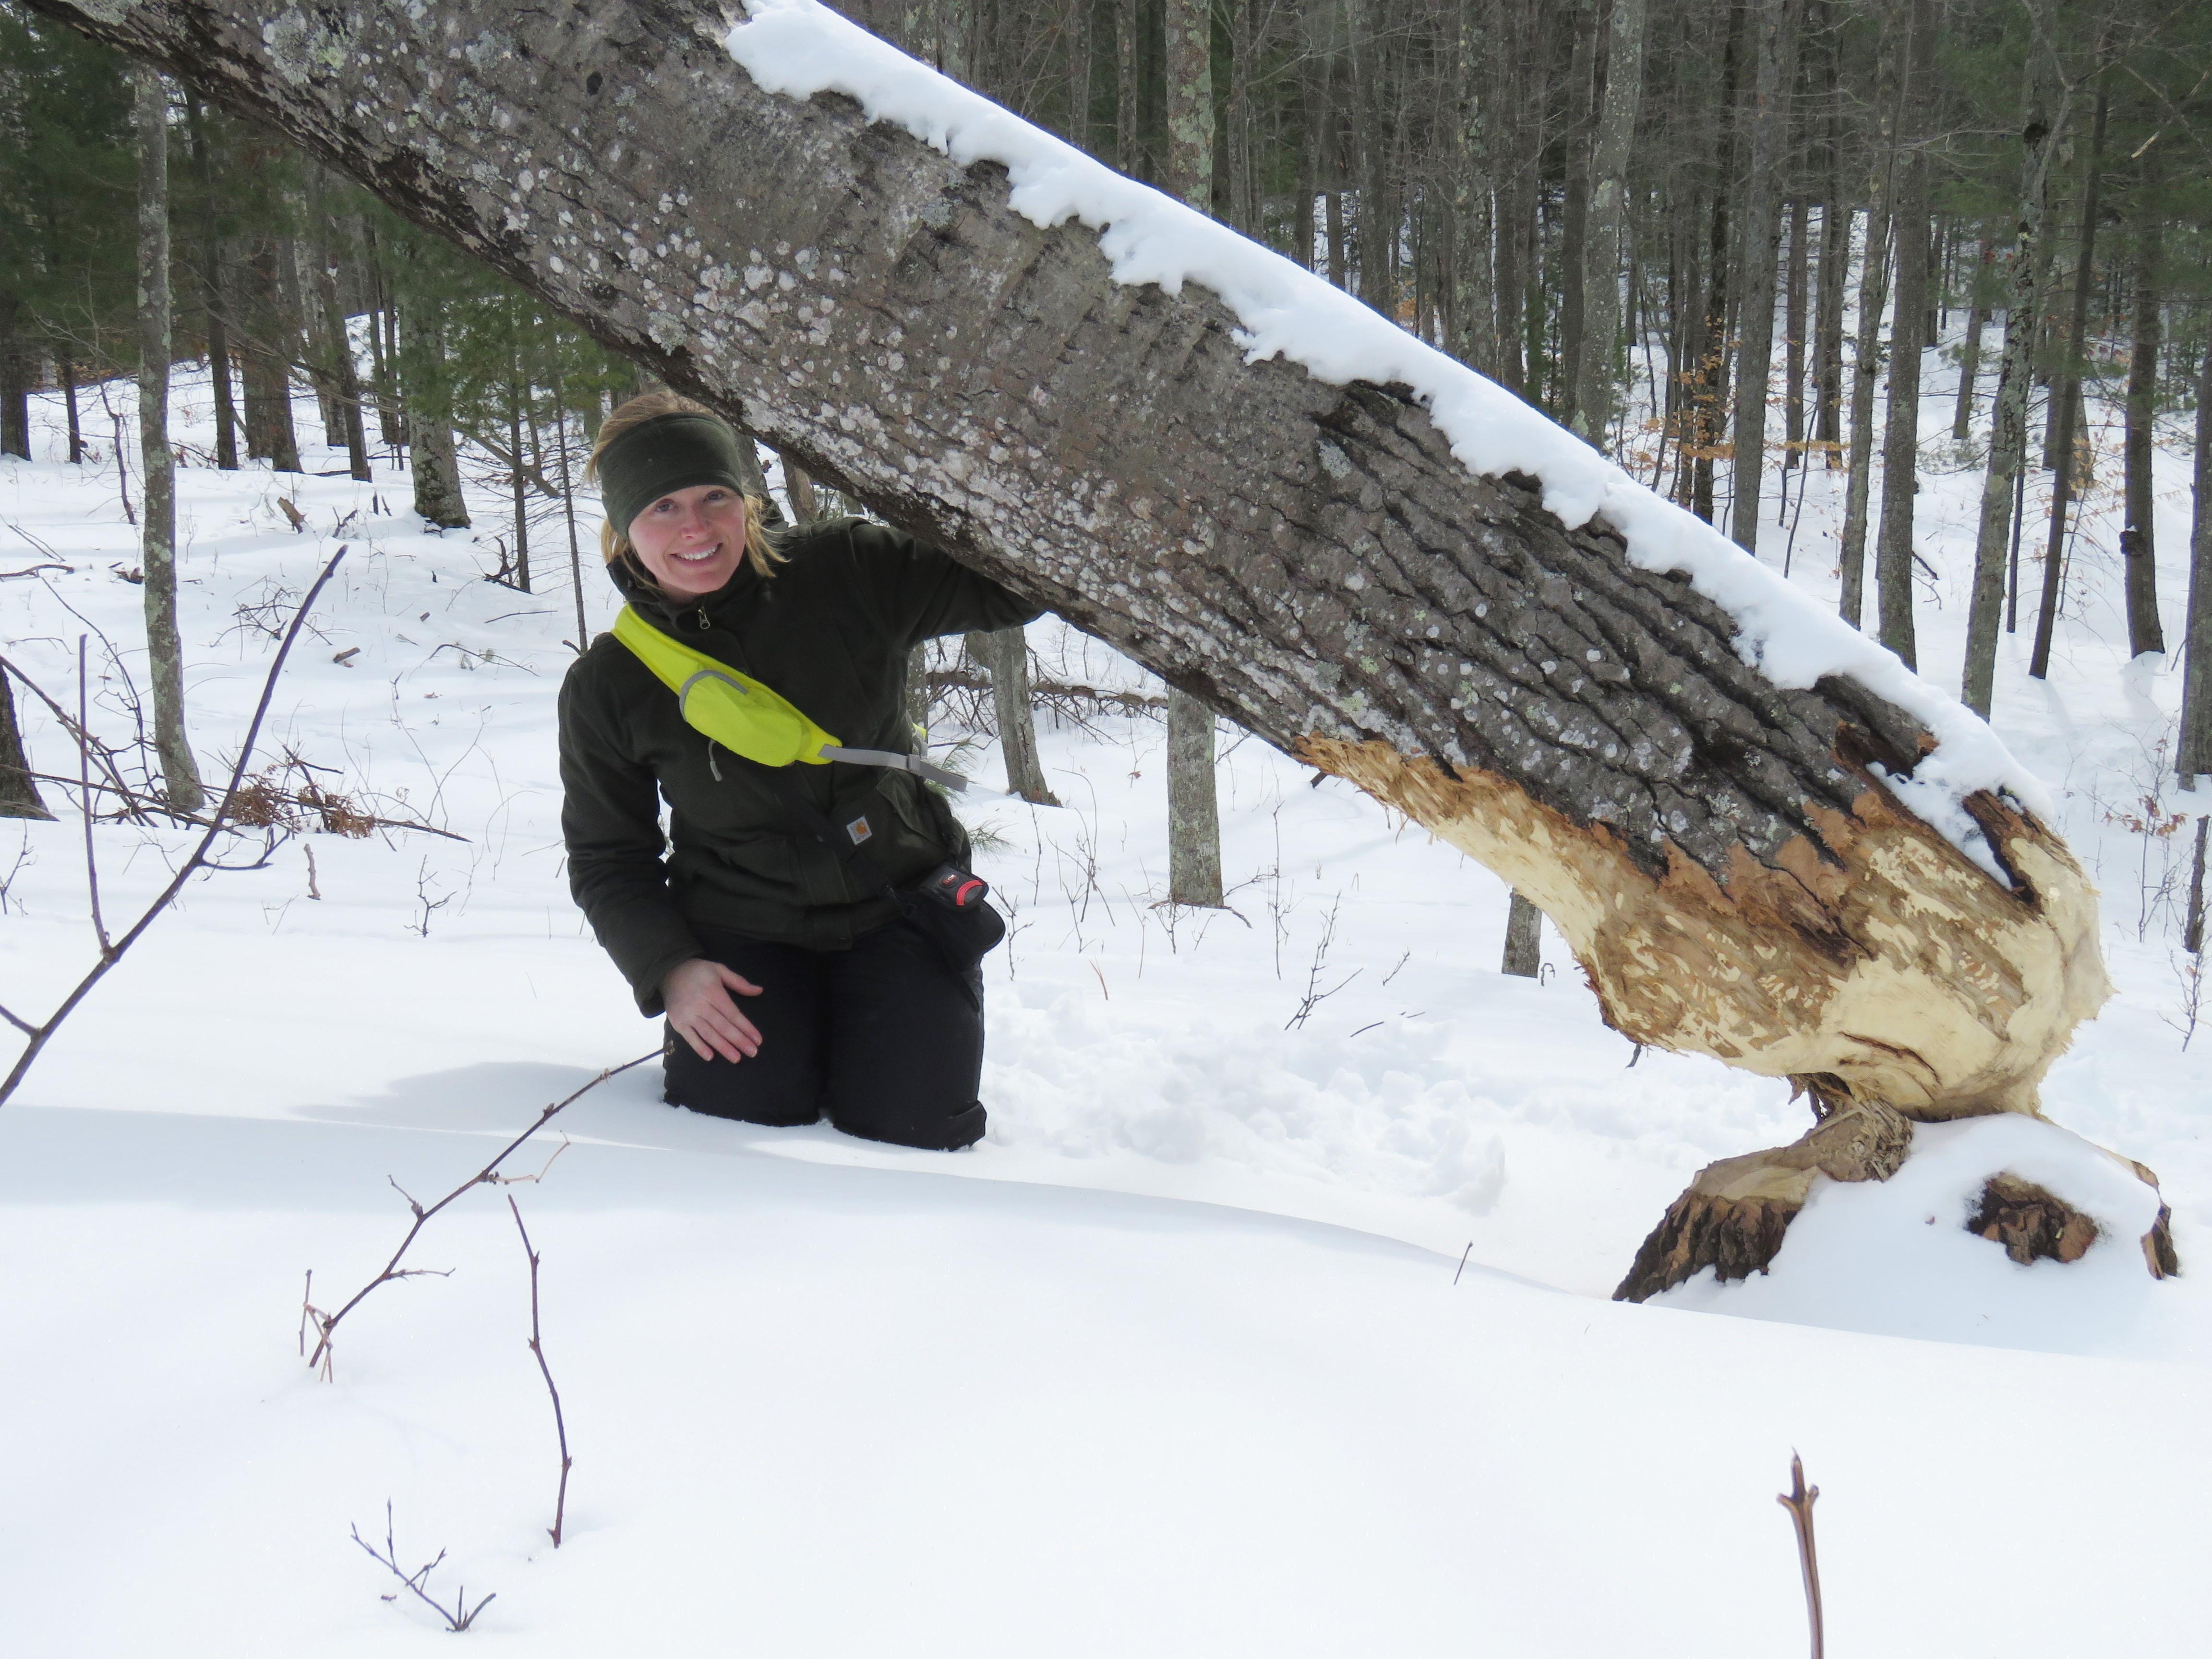 gnawed aspen tree in winter